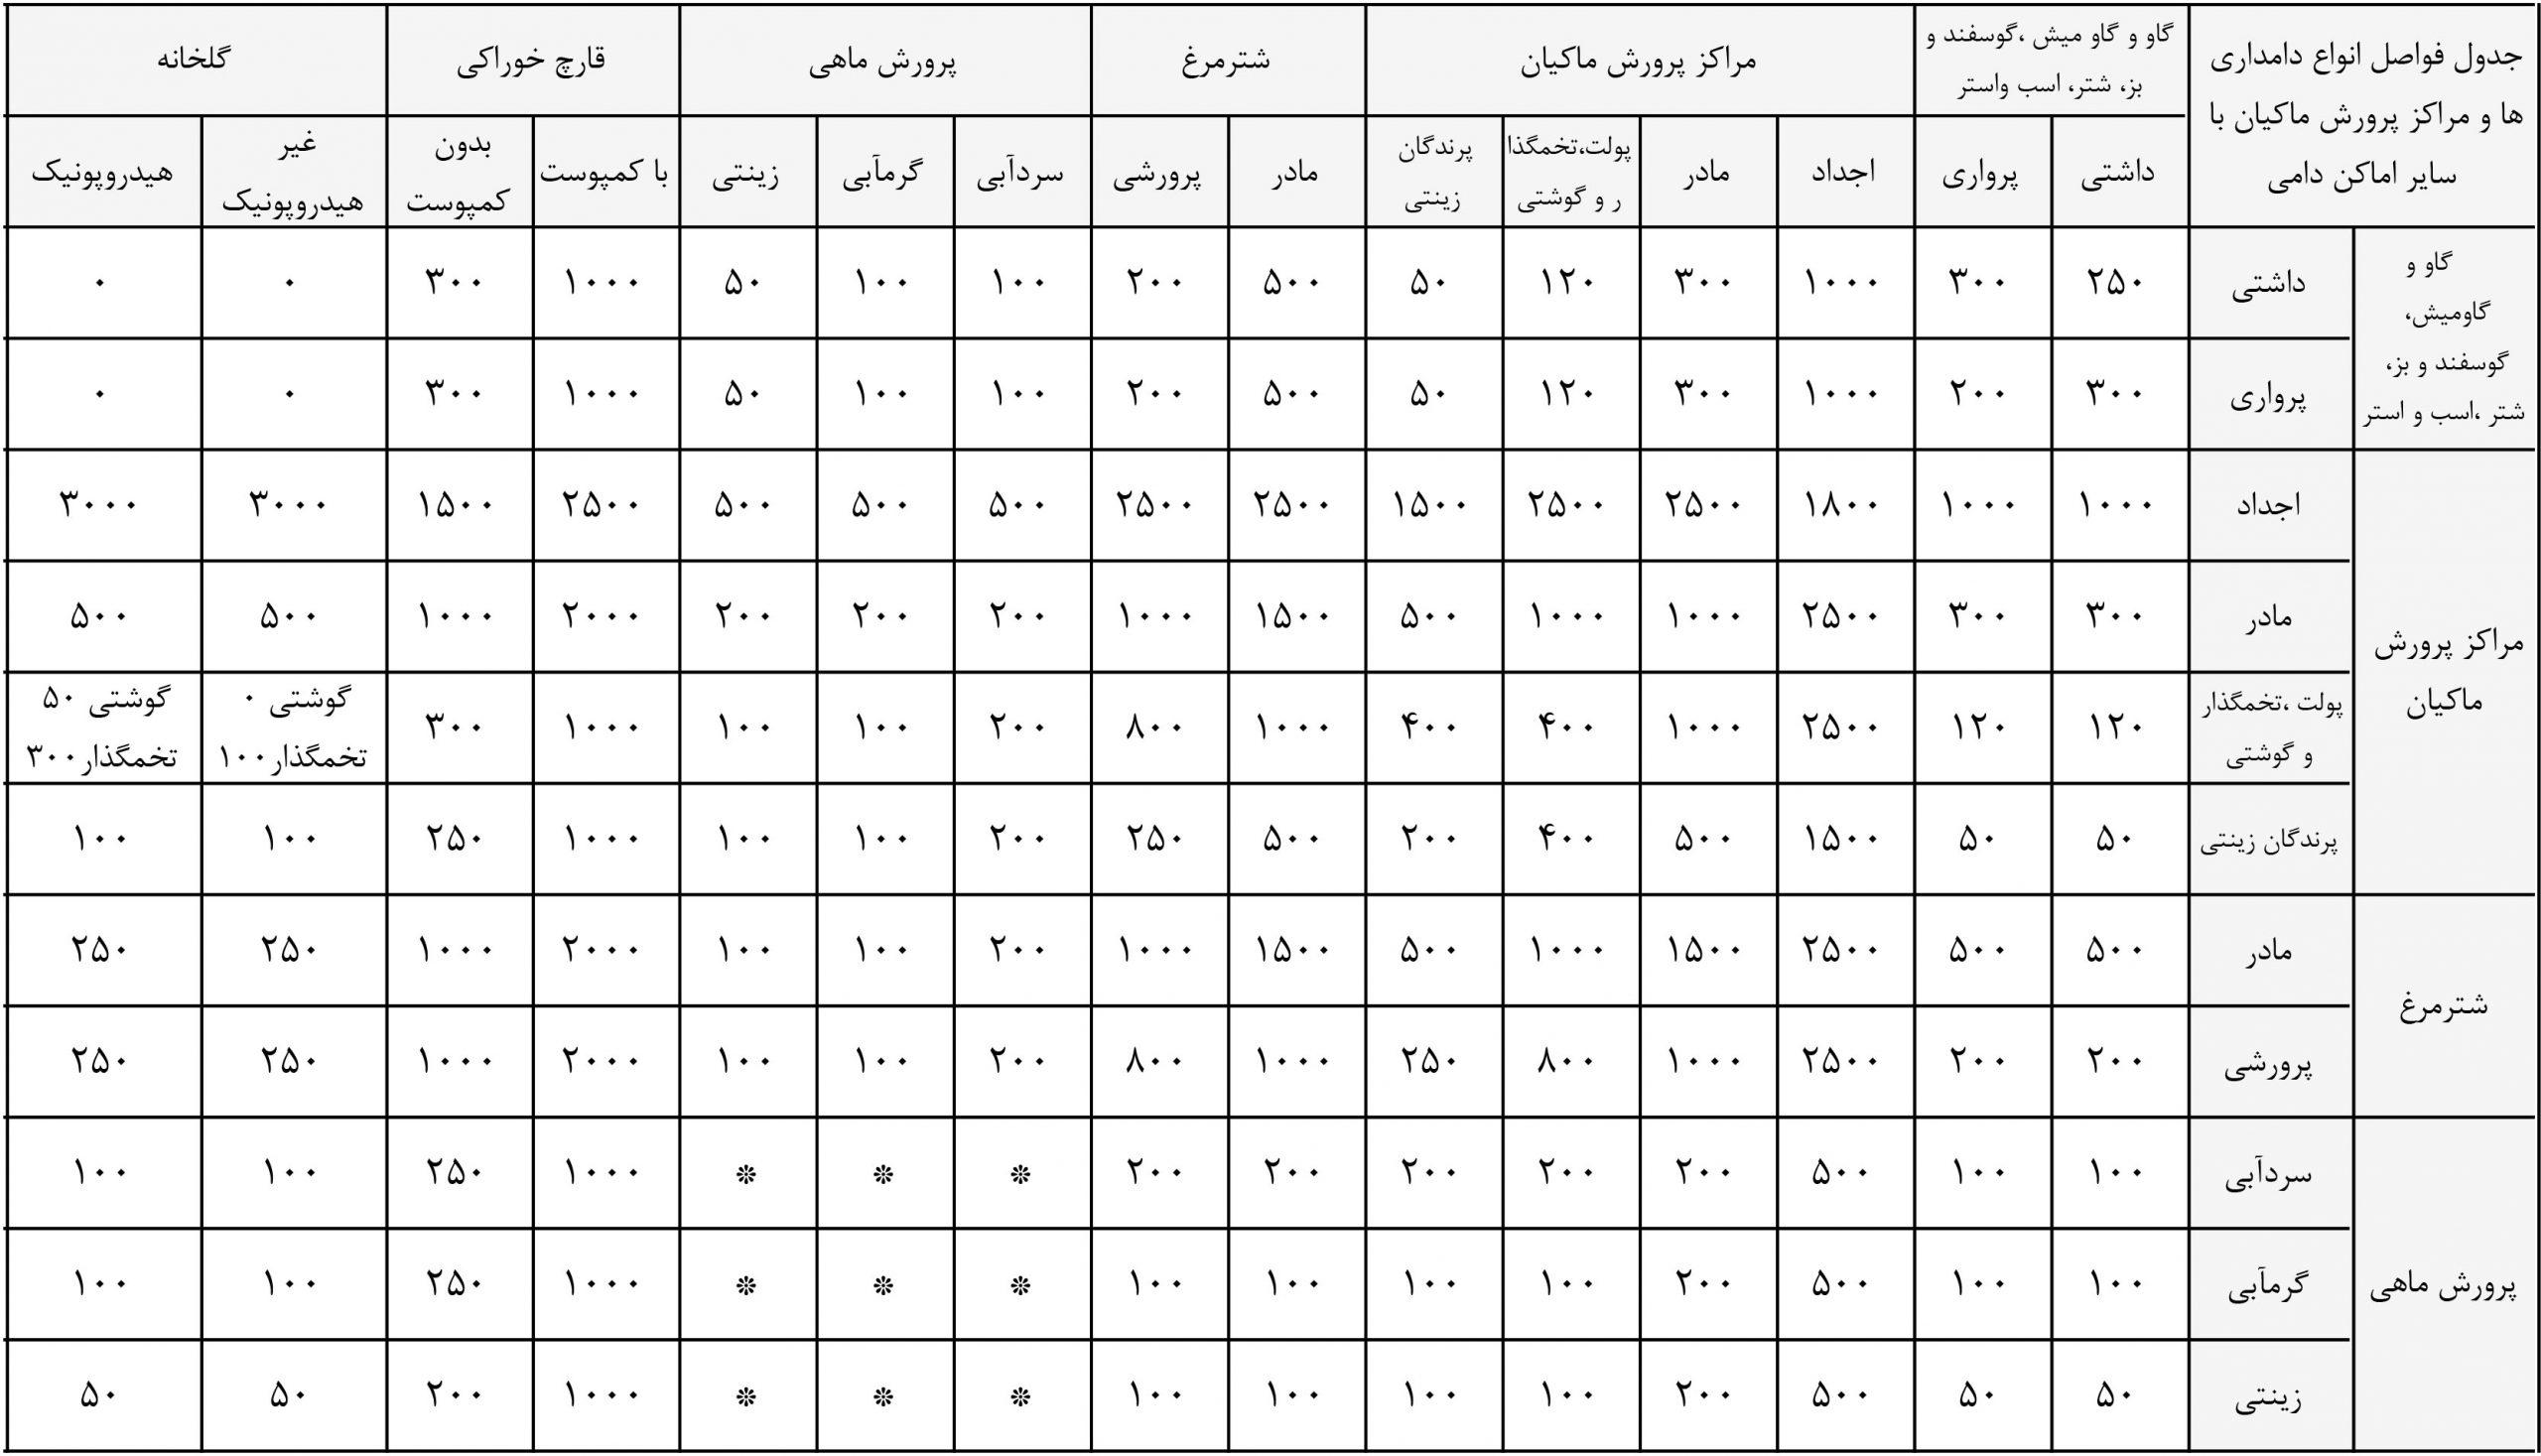 جدول فواصل واحدهای تولیدی